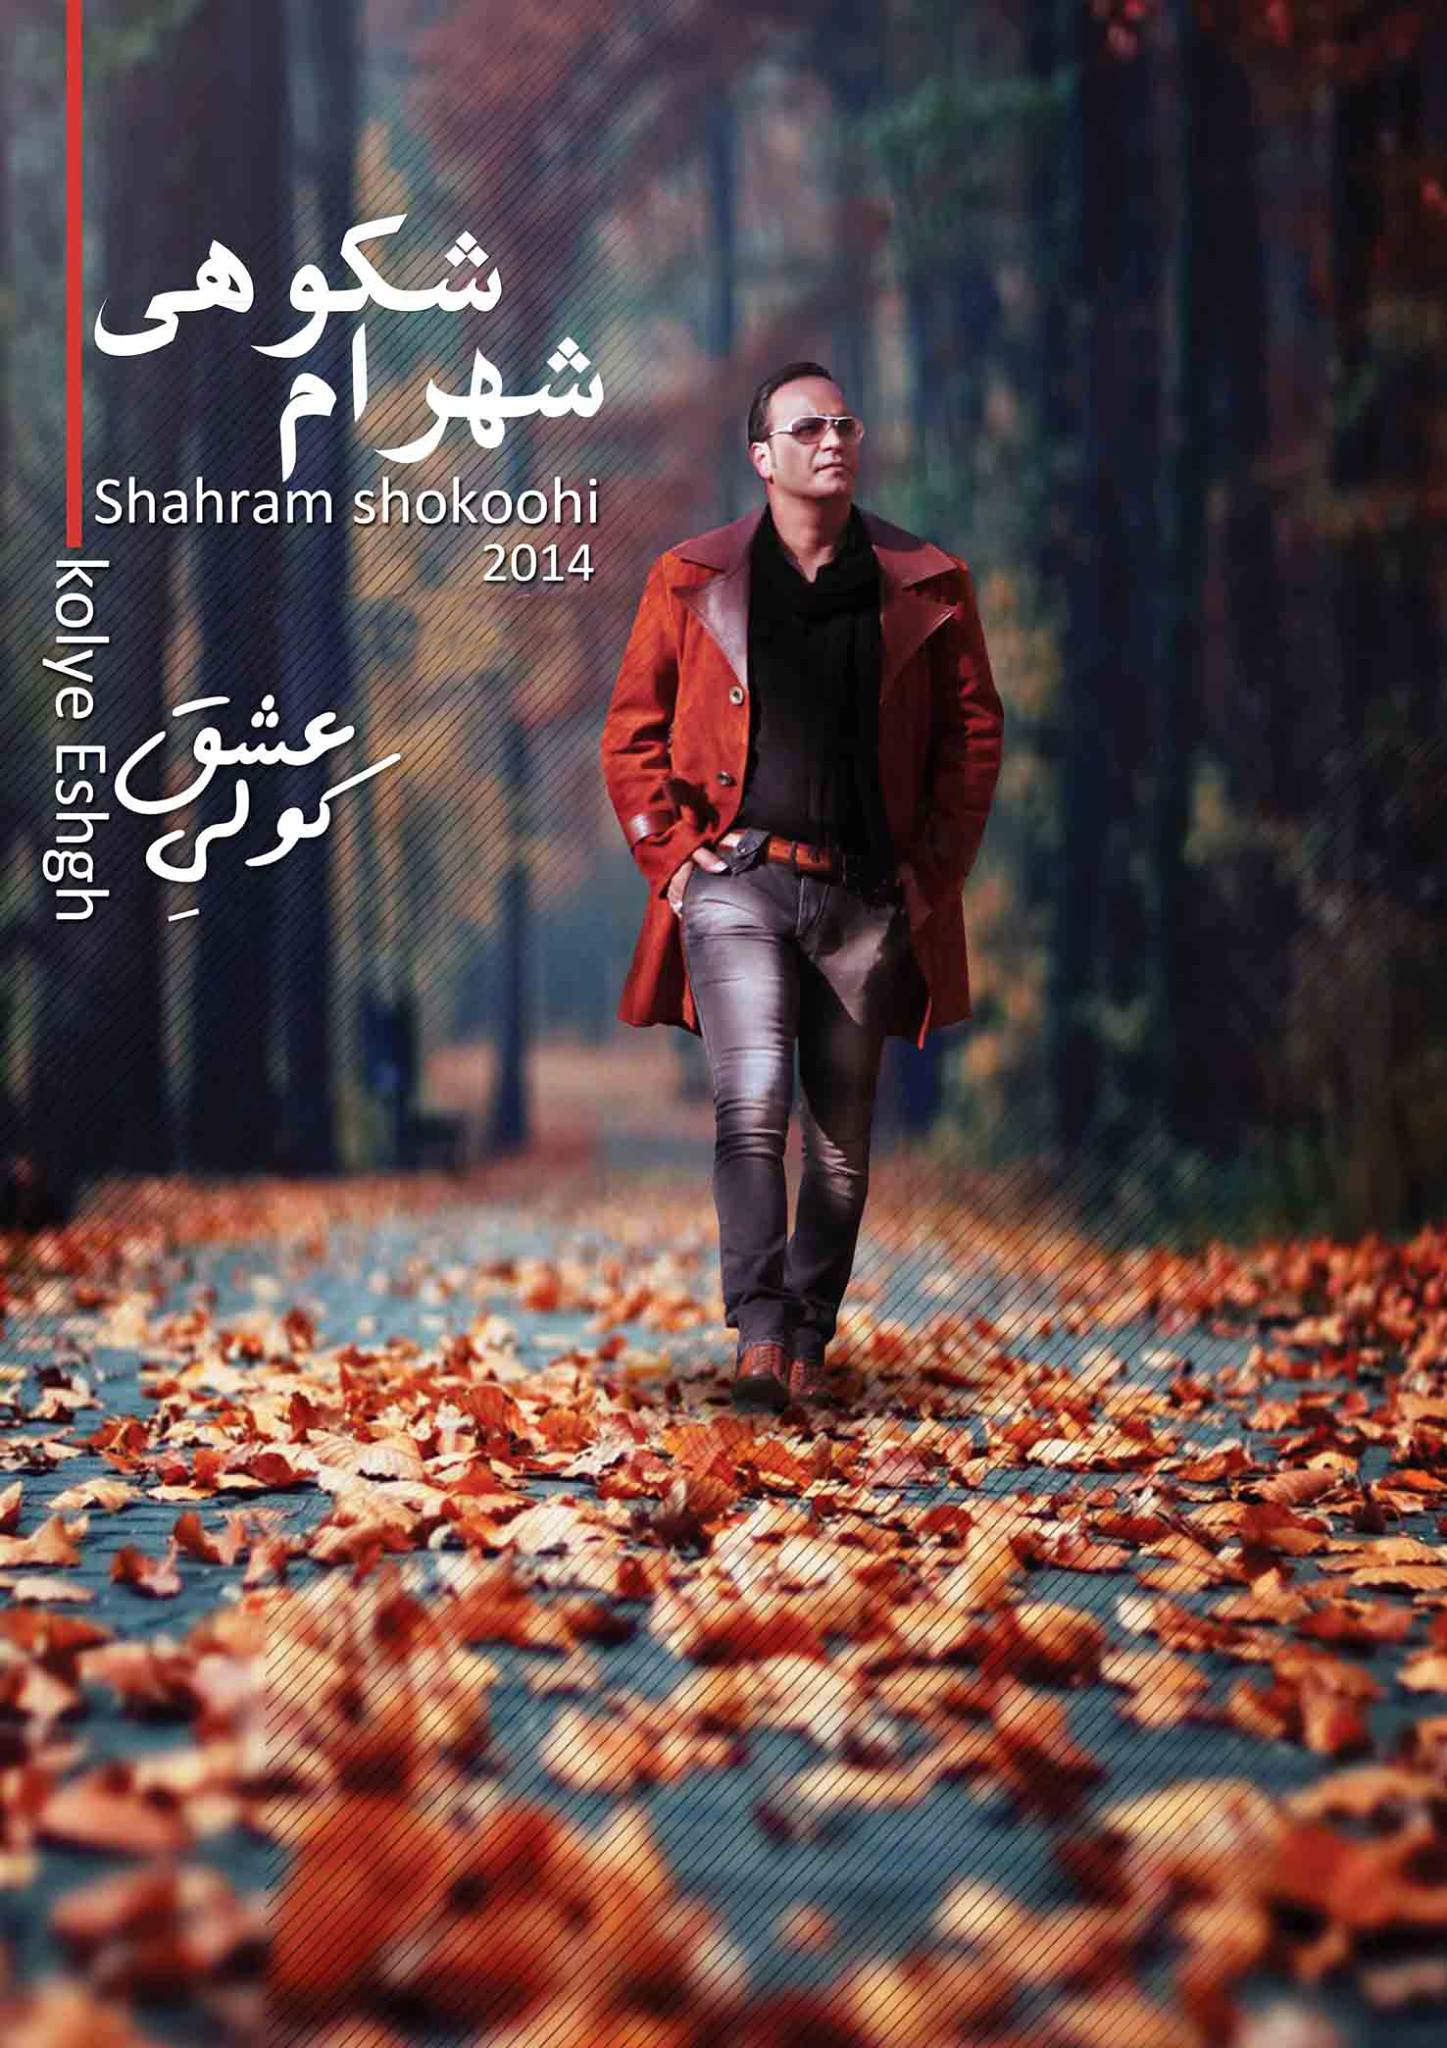 Shahram%20Shokohi%2001 دانلود آلبوم جدید شهرام شکوهی به نام کولی عشق